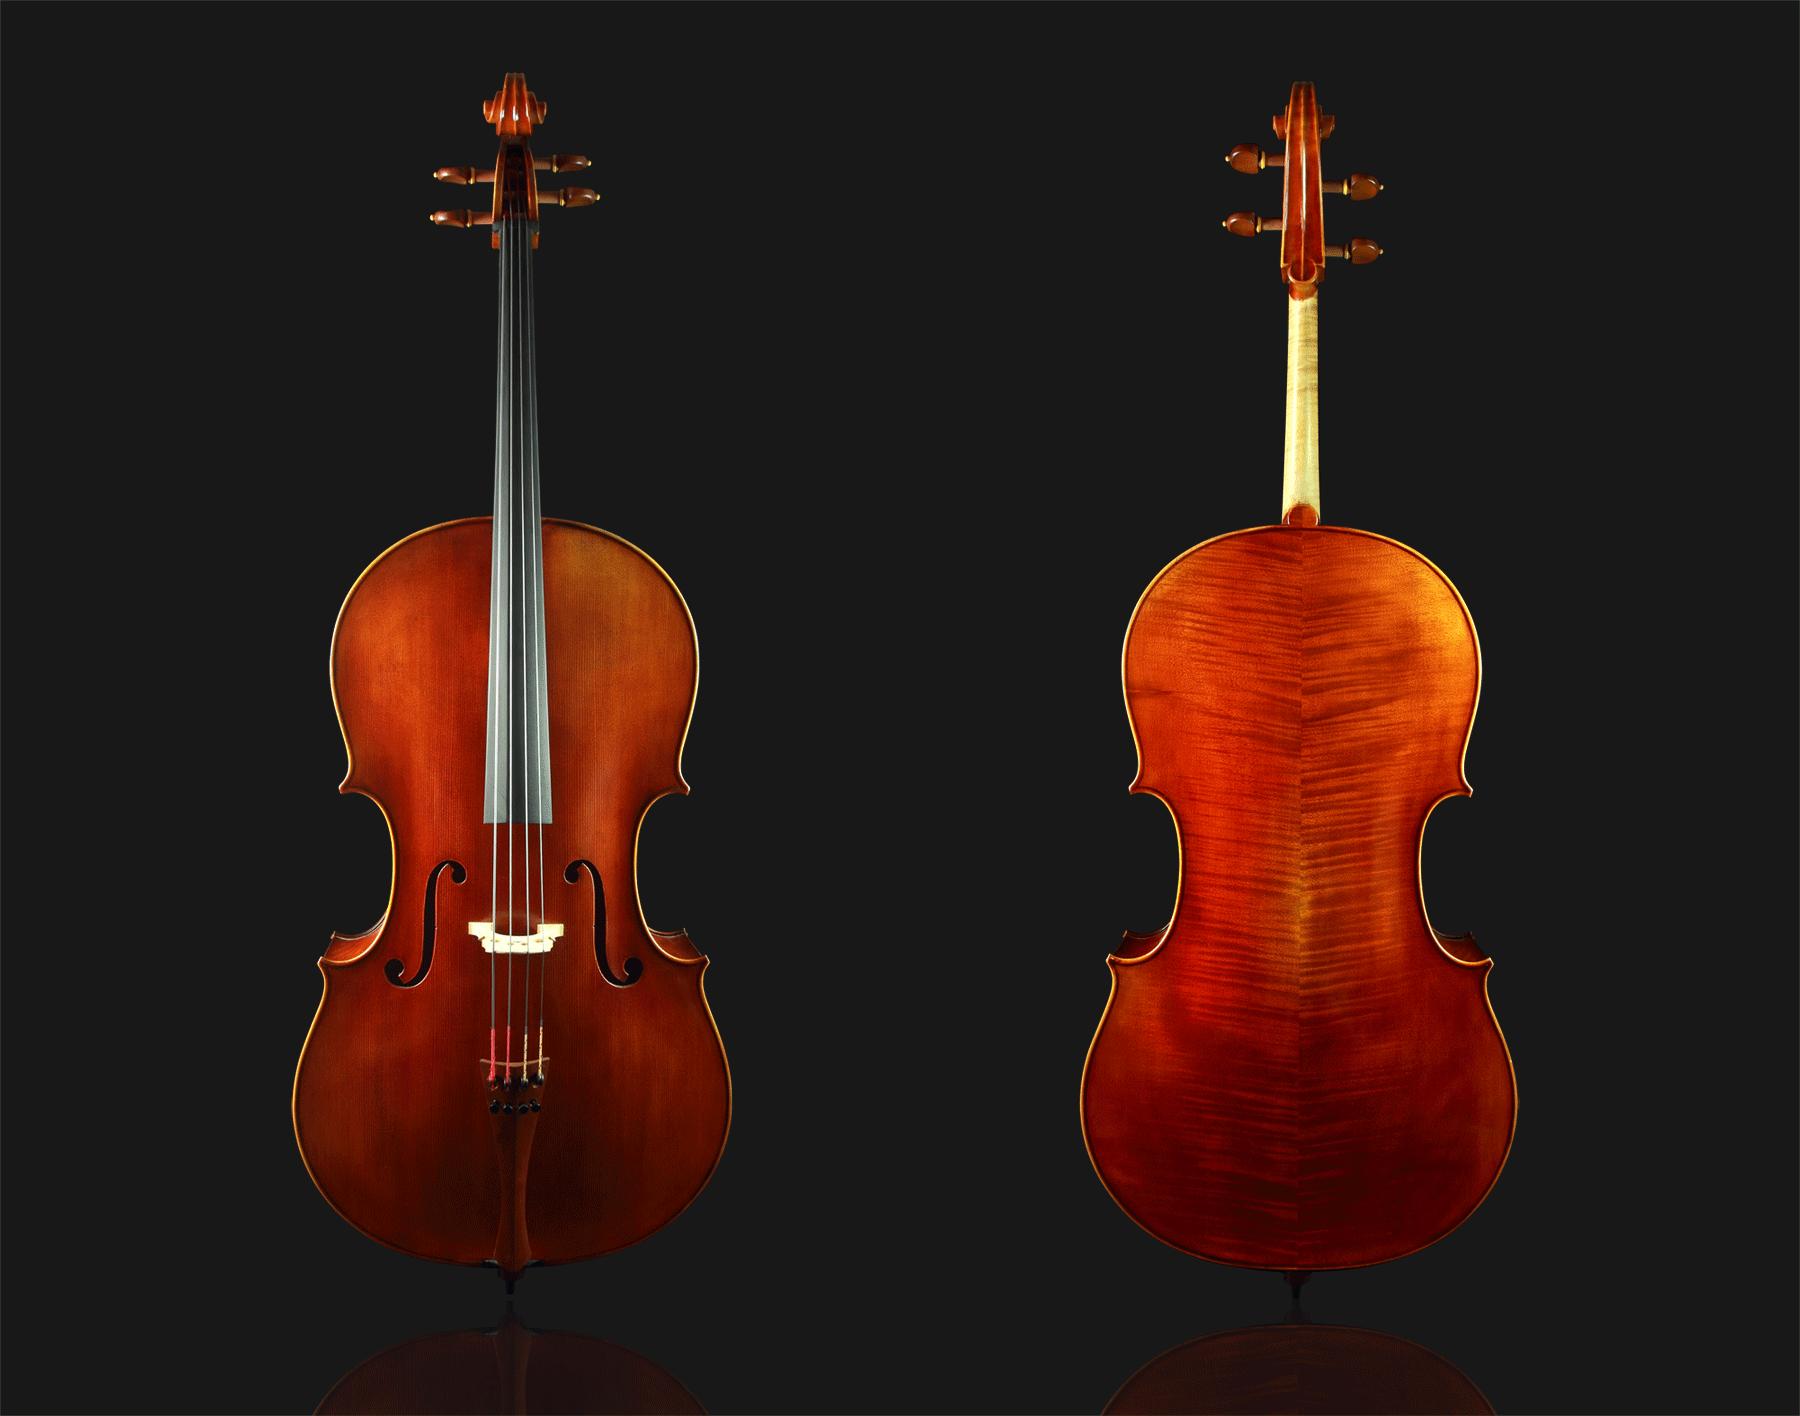 高级仿古风格大提琴